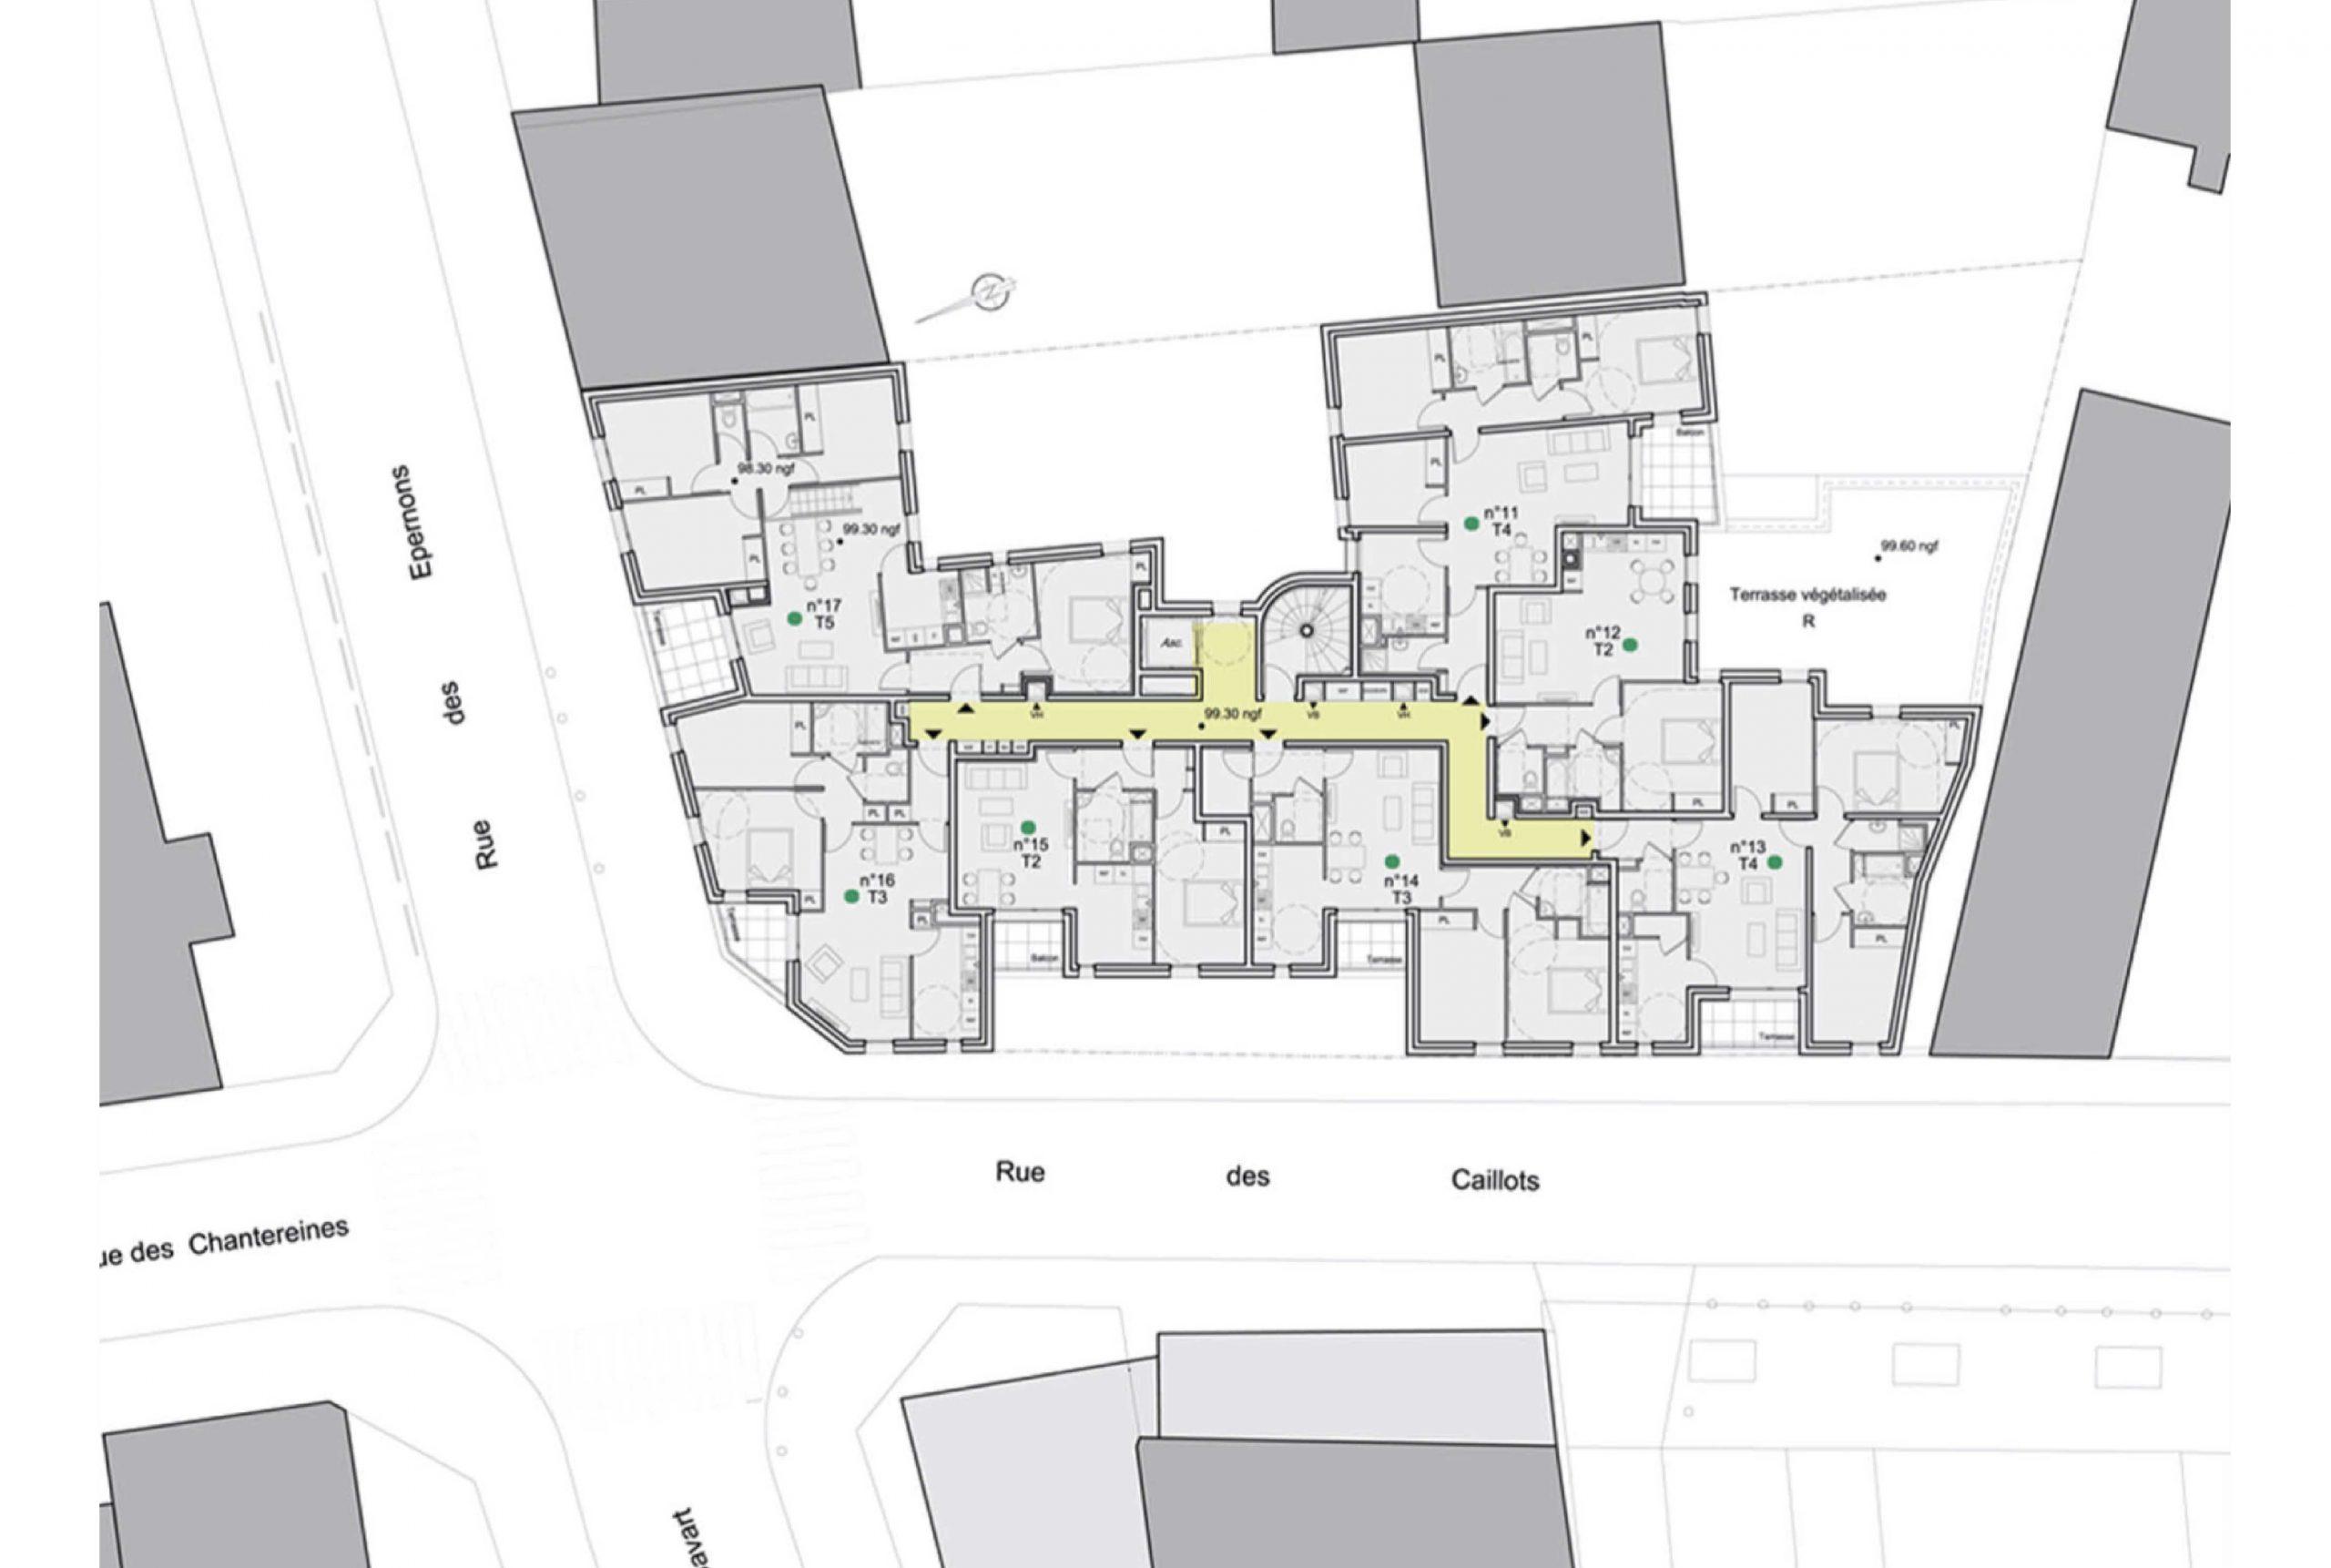 Projet logement Caillots 8 par Atelier JS Tabet